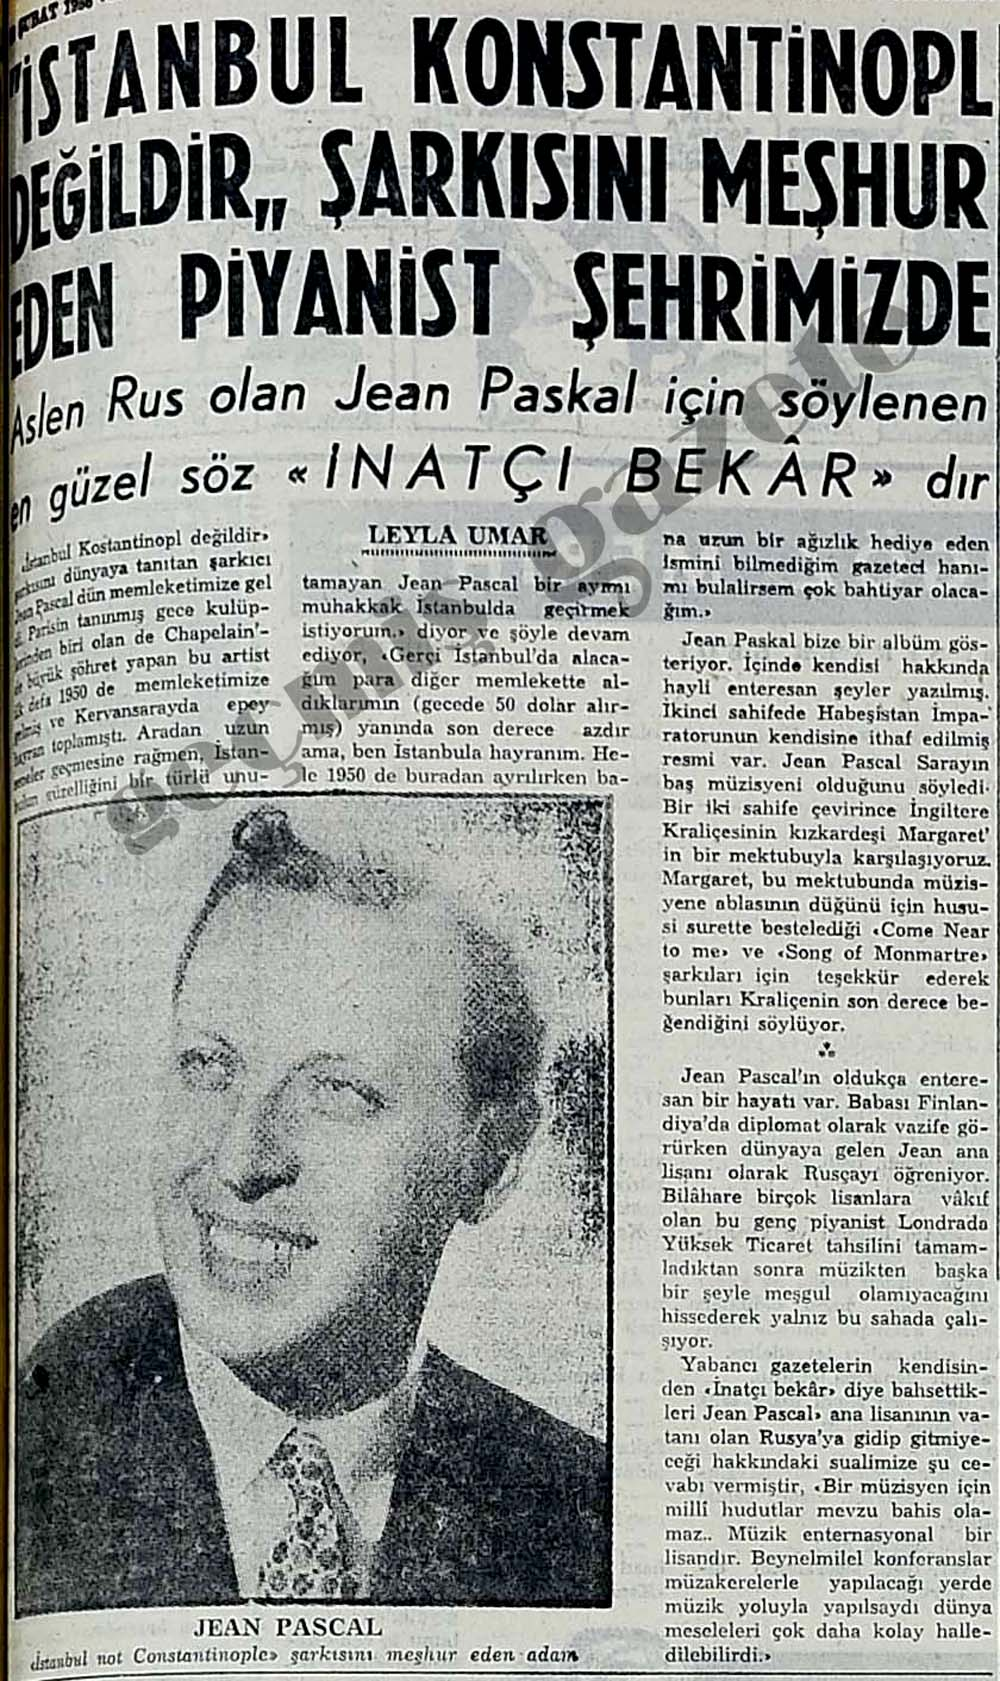 """""""İstanbul Konstantinopl değildir"""" şarkısını meşhur eden piyanist şehrimizde"""